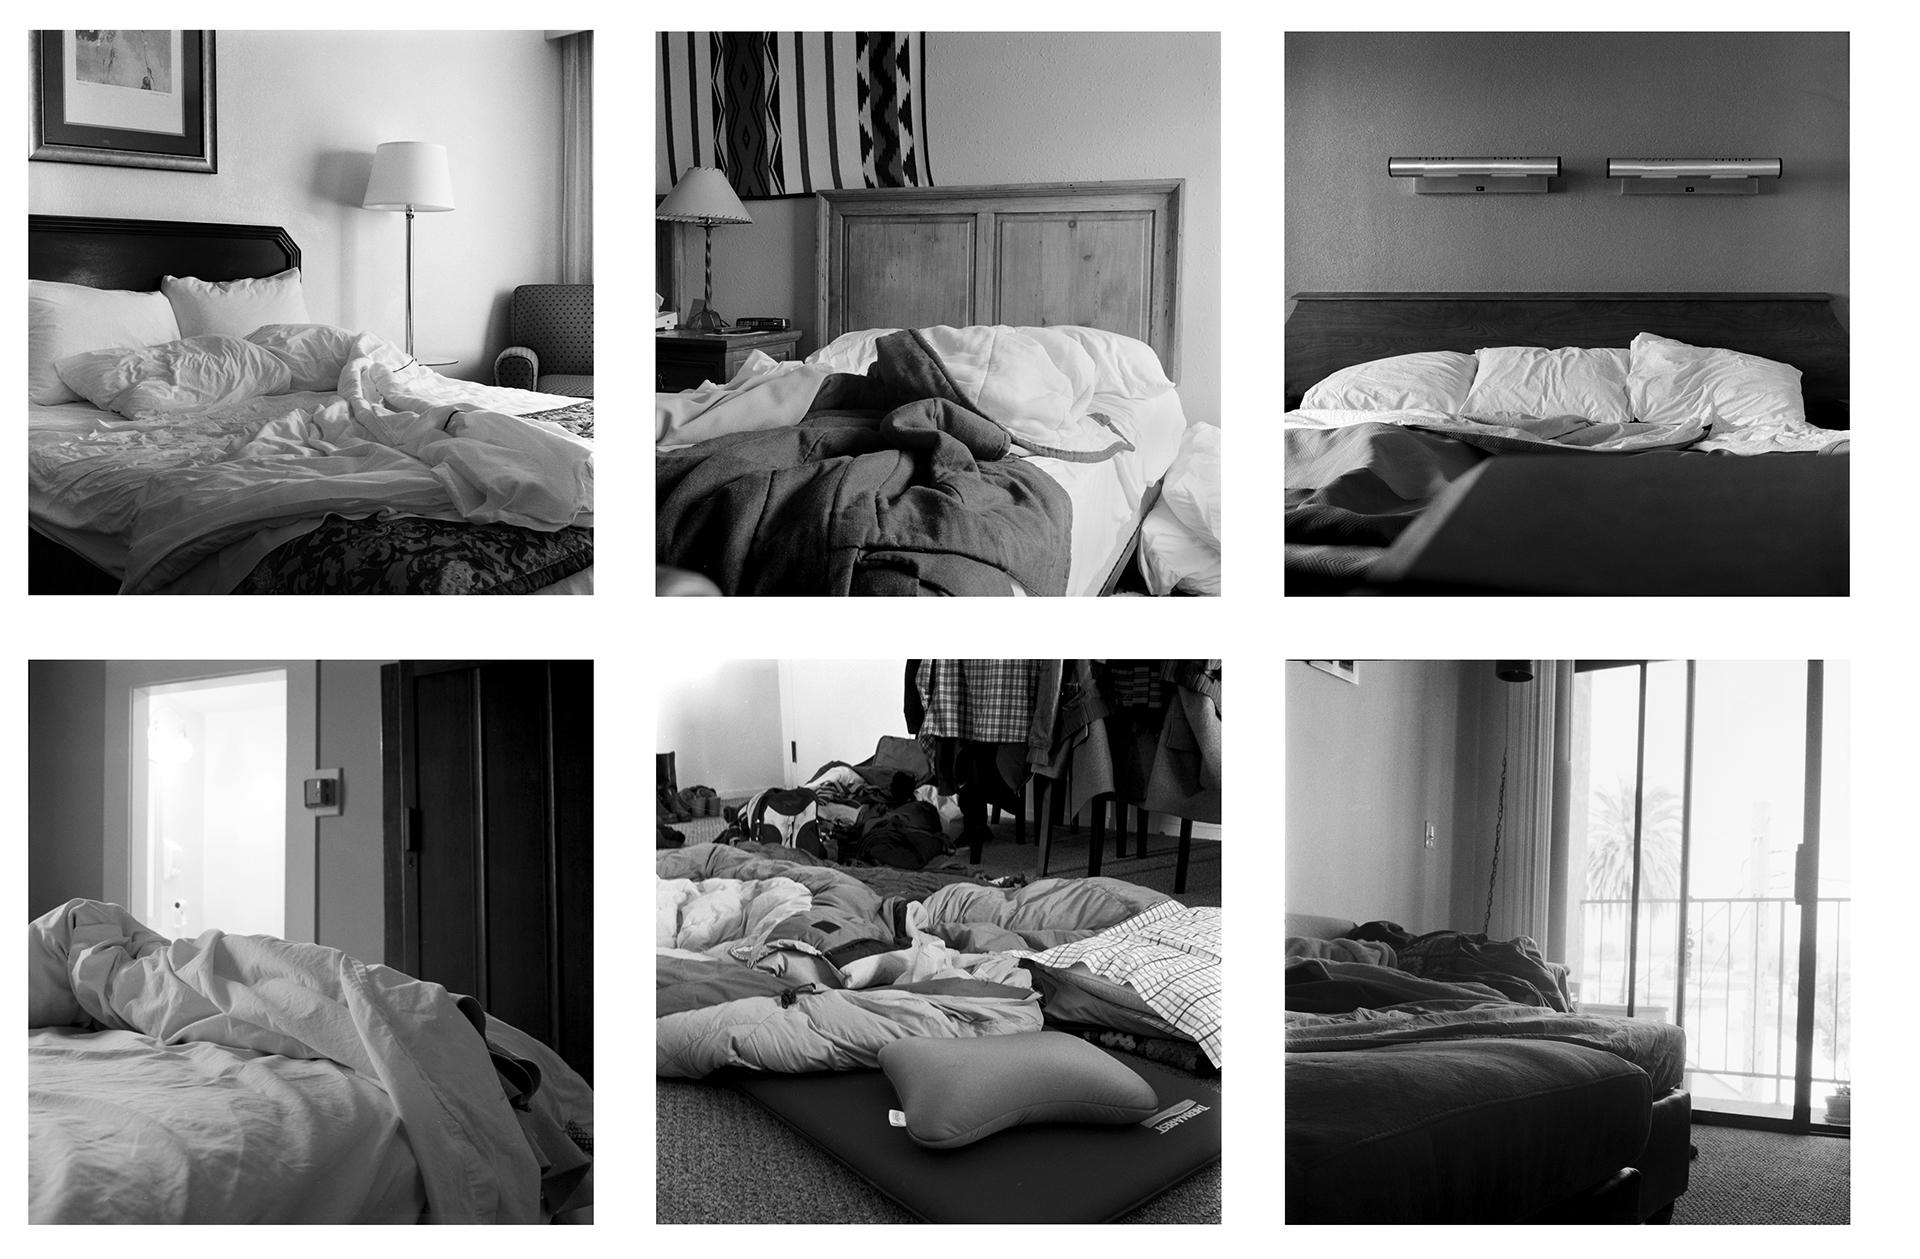 20_Beds 6 copy.jpg